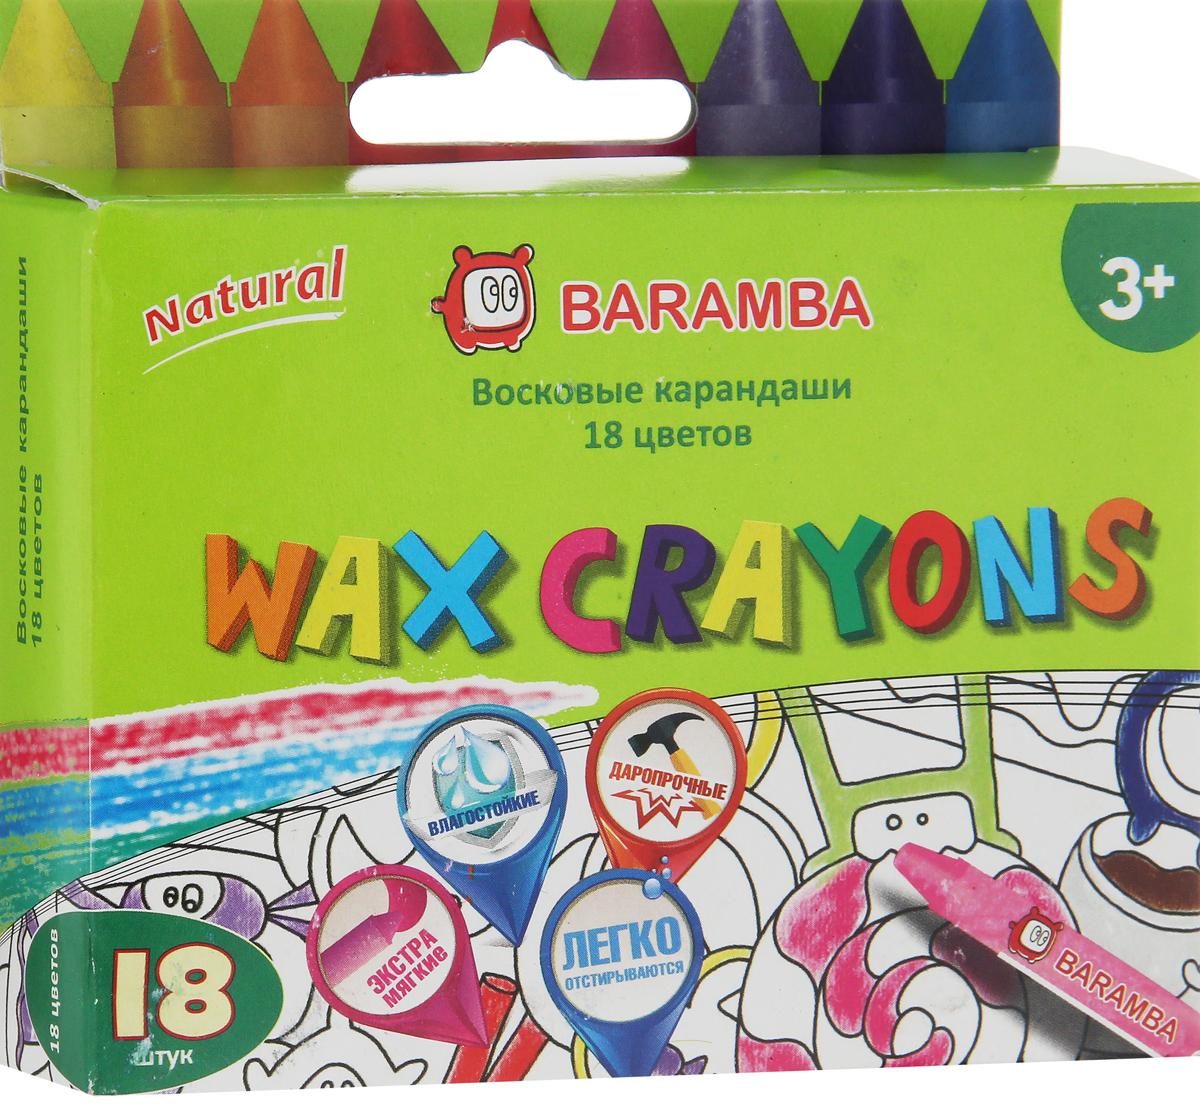 Набор восковых карандашей Baramba Wax Crayons, 18 штB98016Предназначены для первых опытов рисования.Содержат пищевые красители, не имею запаха, не пачкают руки.Проводят очень мягкие, яркие, толстые линии.Подготовка к обучению письму.Исследование новой текстуры - воска, способного густо закрашивать поверхность.Удобная упаковка для хранения.